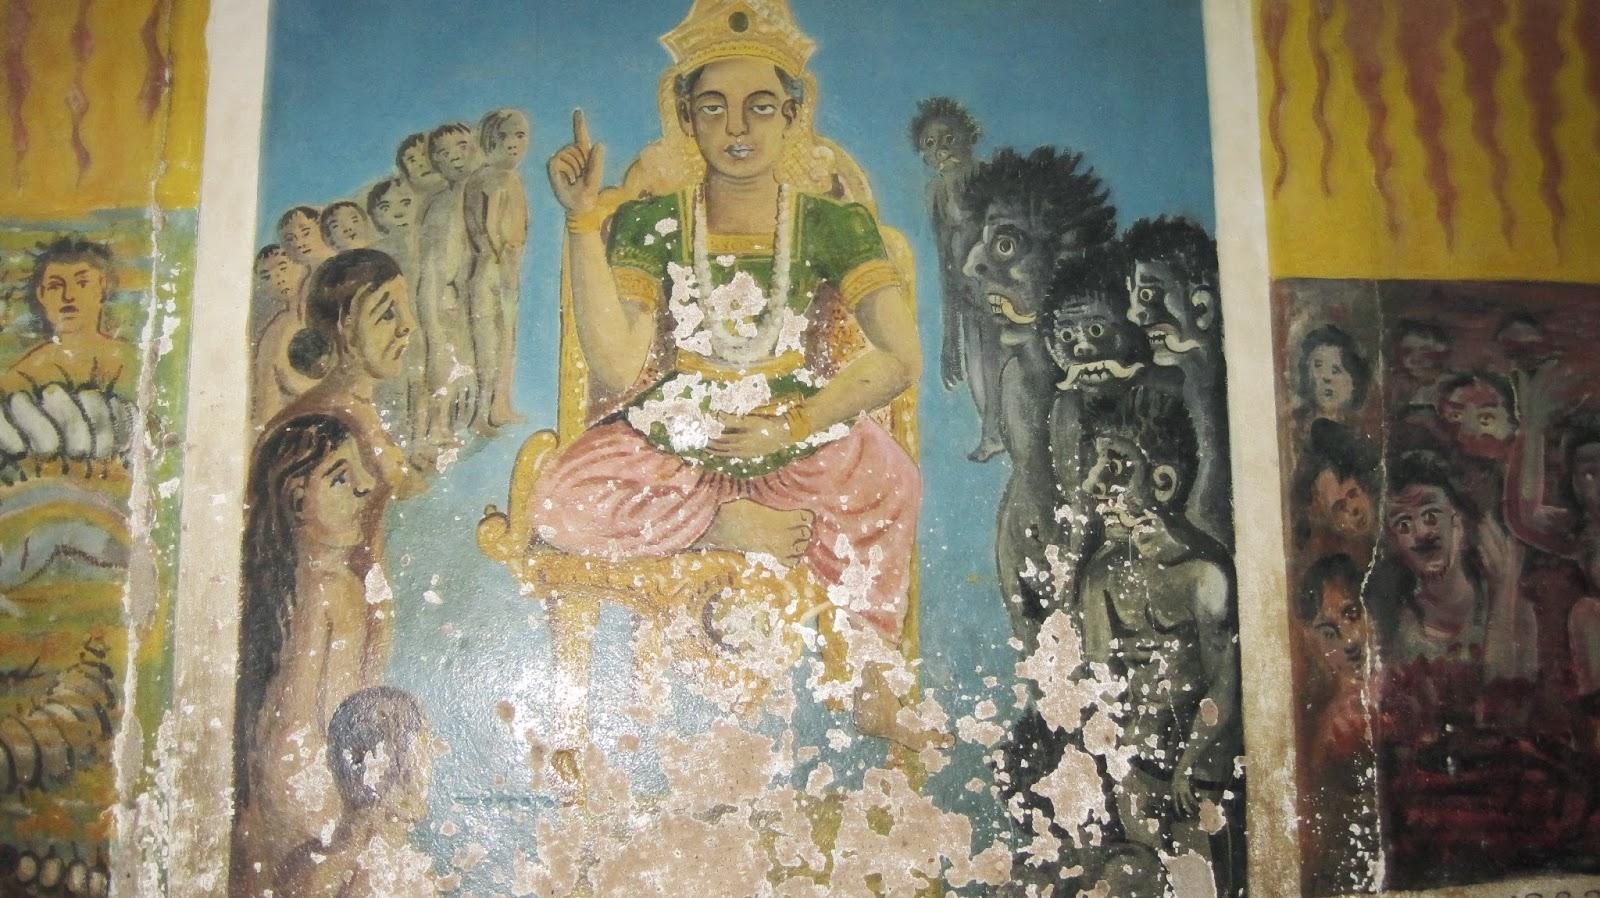 Fresco en el Templo de Aluvihara (Sri Lanka)